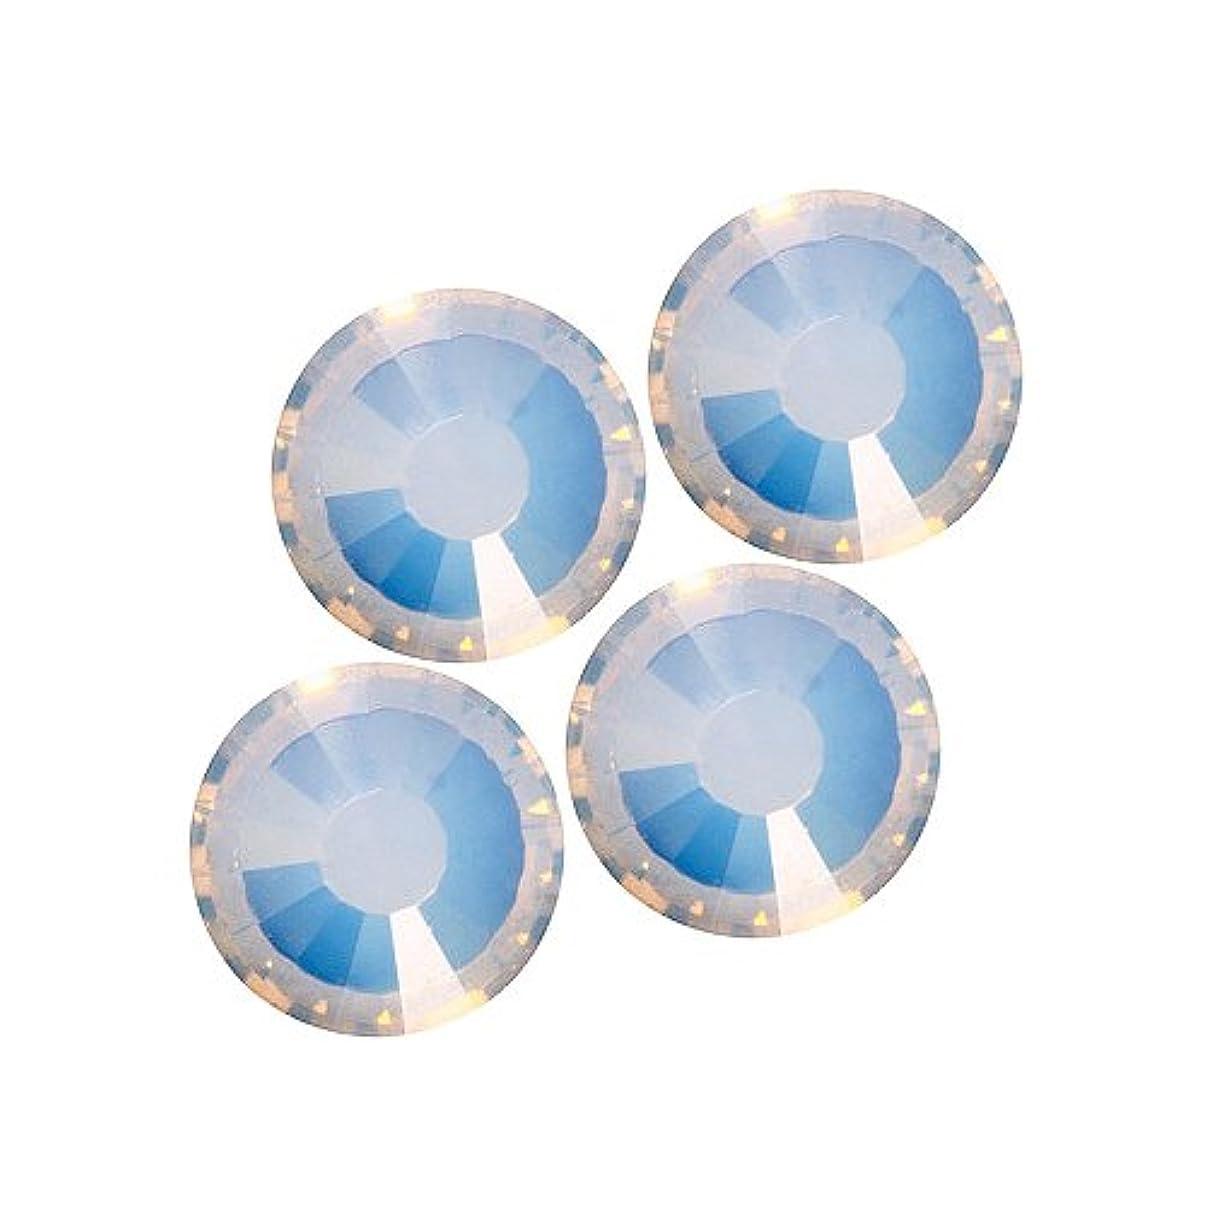 気取らない変動する裏切りバイナル DIAMOND RHINESTONE ホワイトオパールSS30 360粒 ST-SS30-WHO-5GH